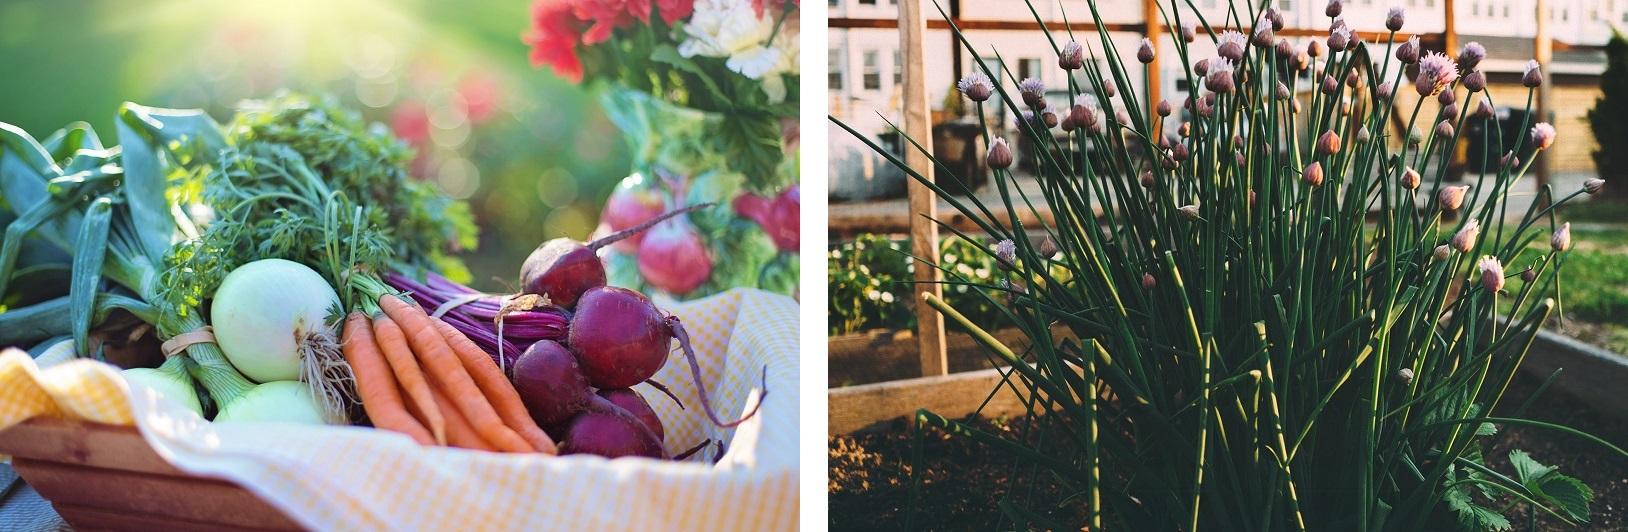 Podniesione rabaty i drewniane zielniki - najlepszy sposób na własną uprawę ogrodową